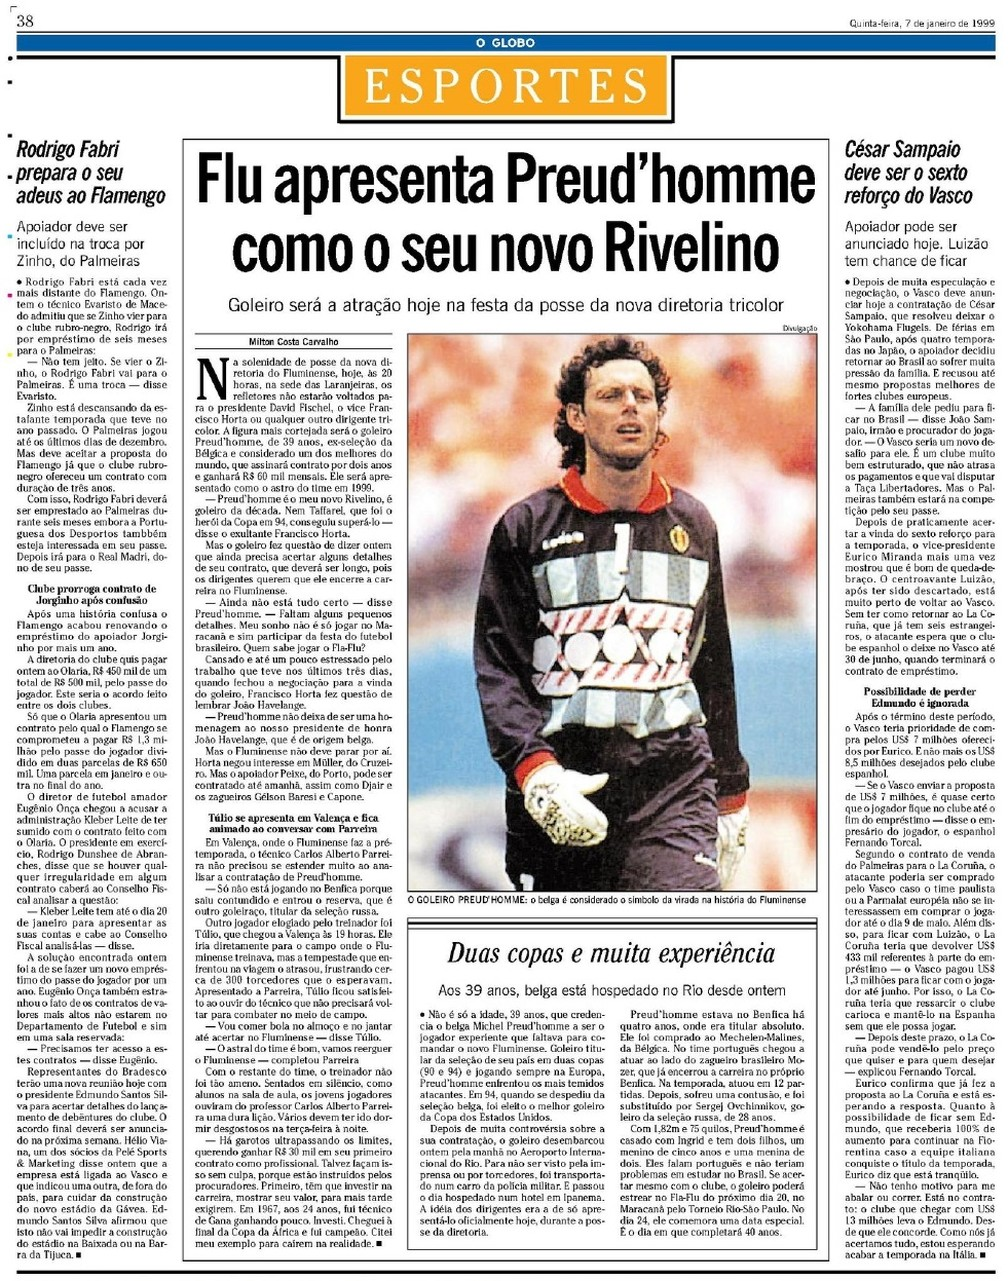 """Jornal """"O Globo"""" do dia 7 de janeiro de 1999 destacava a contratação de Preud'homme — Foto: Reprodução / O Globo"""